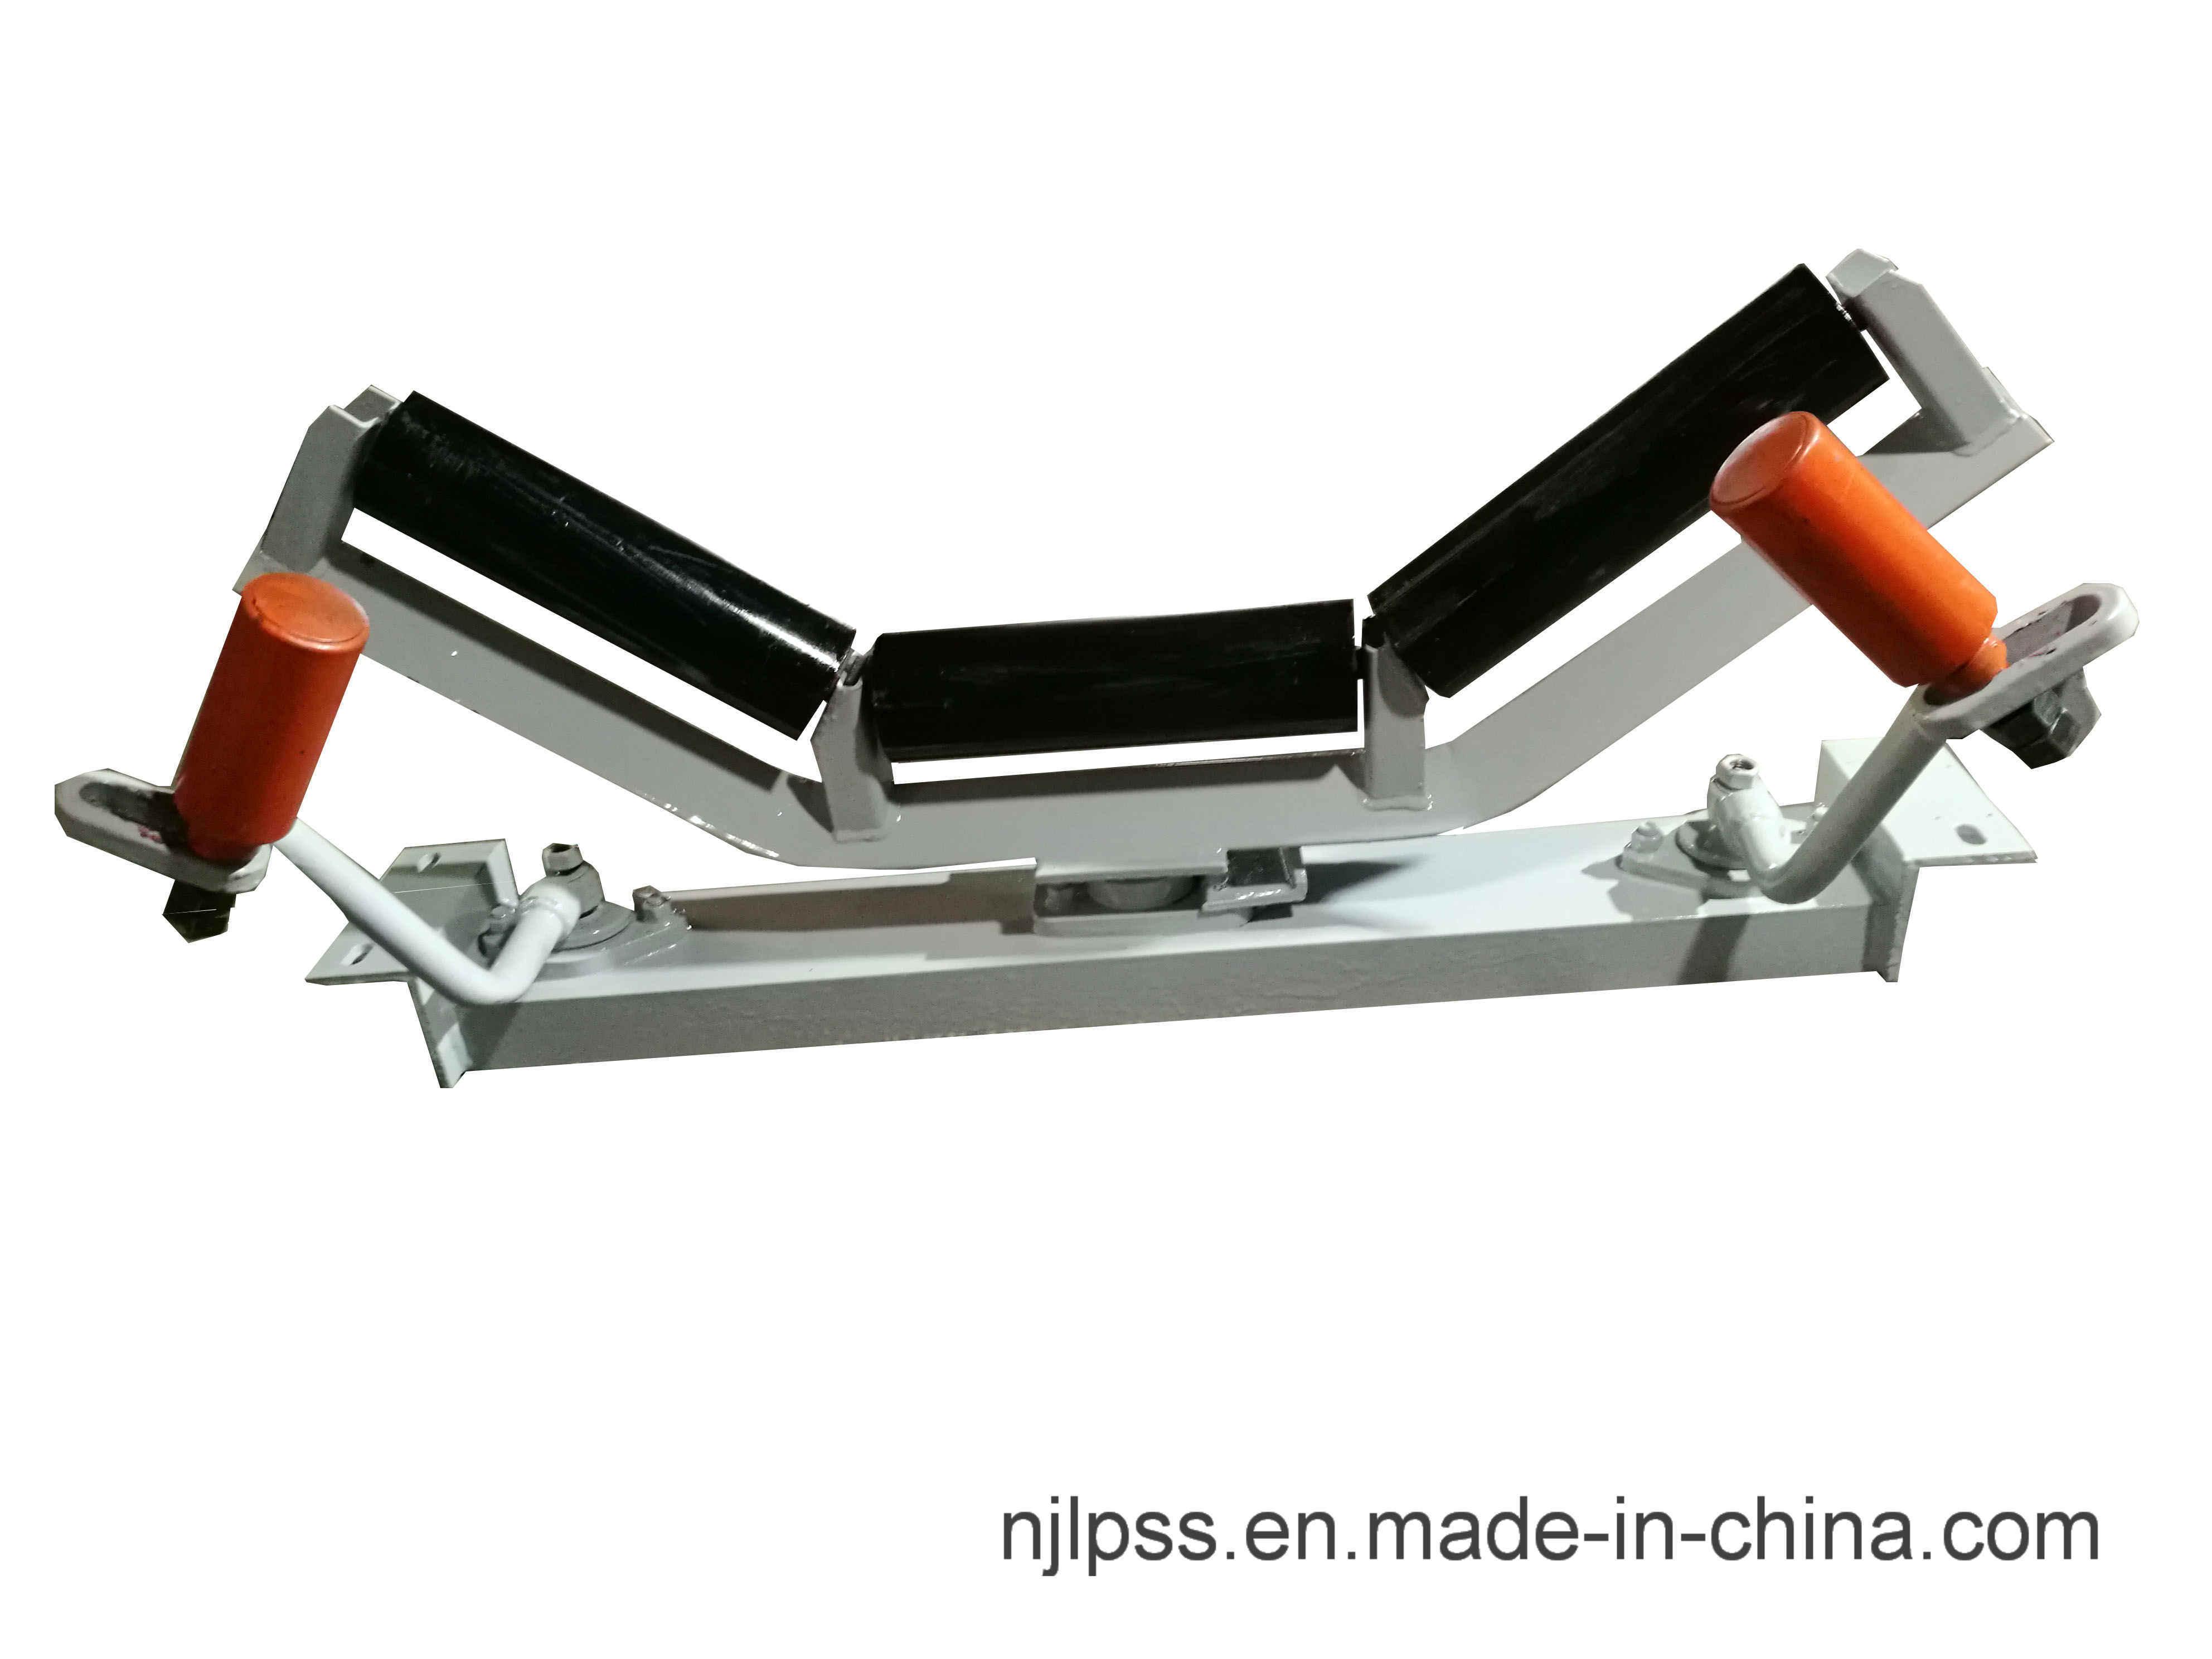 Carrier Self Aligning Roller Group for Belt Conveyor Dtd-S-2